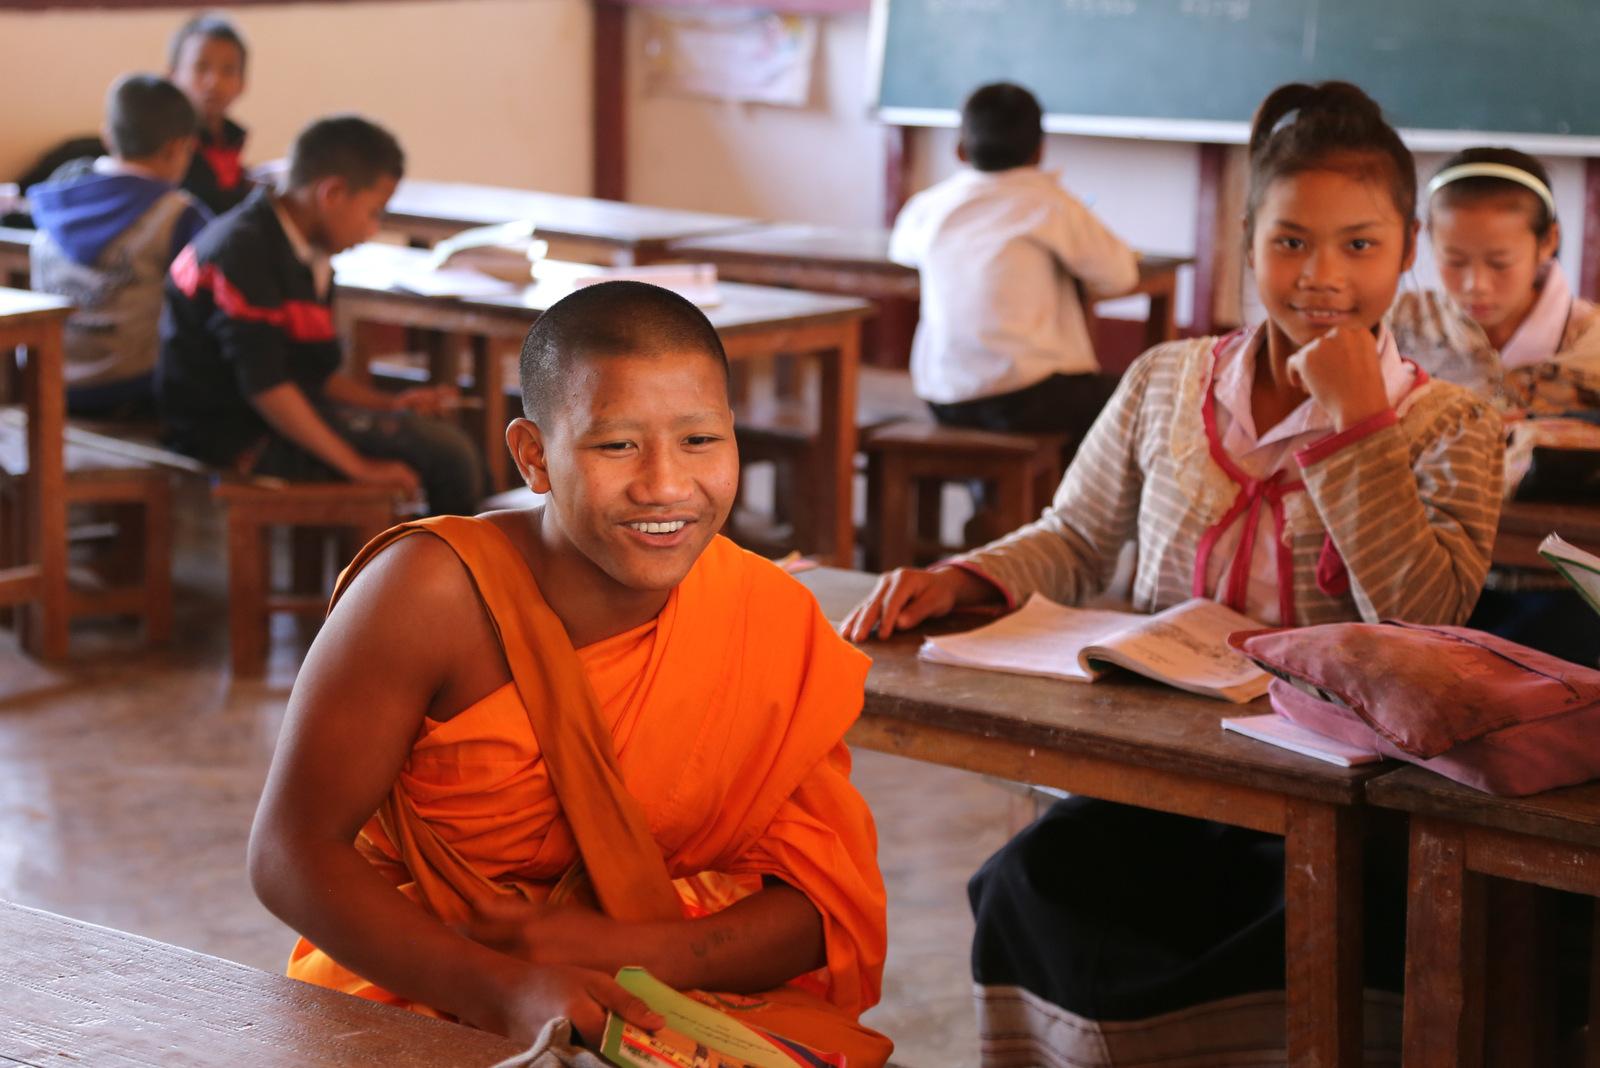 Ban Baw village school